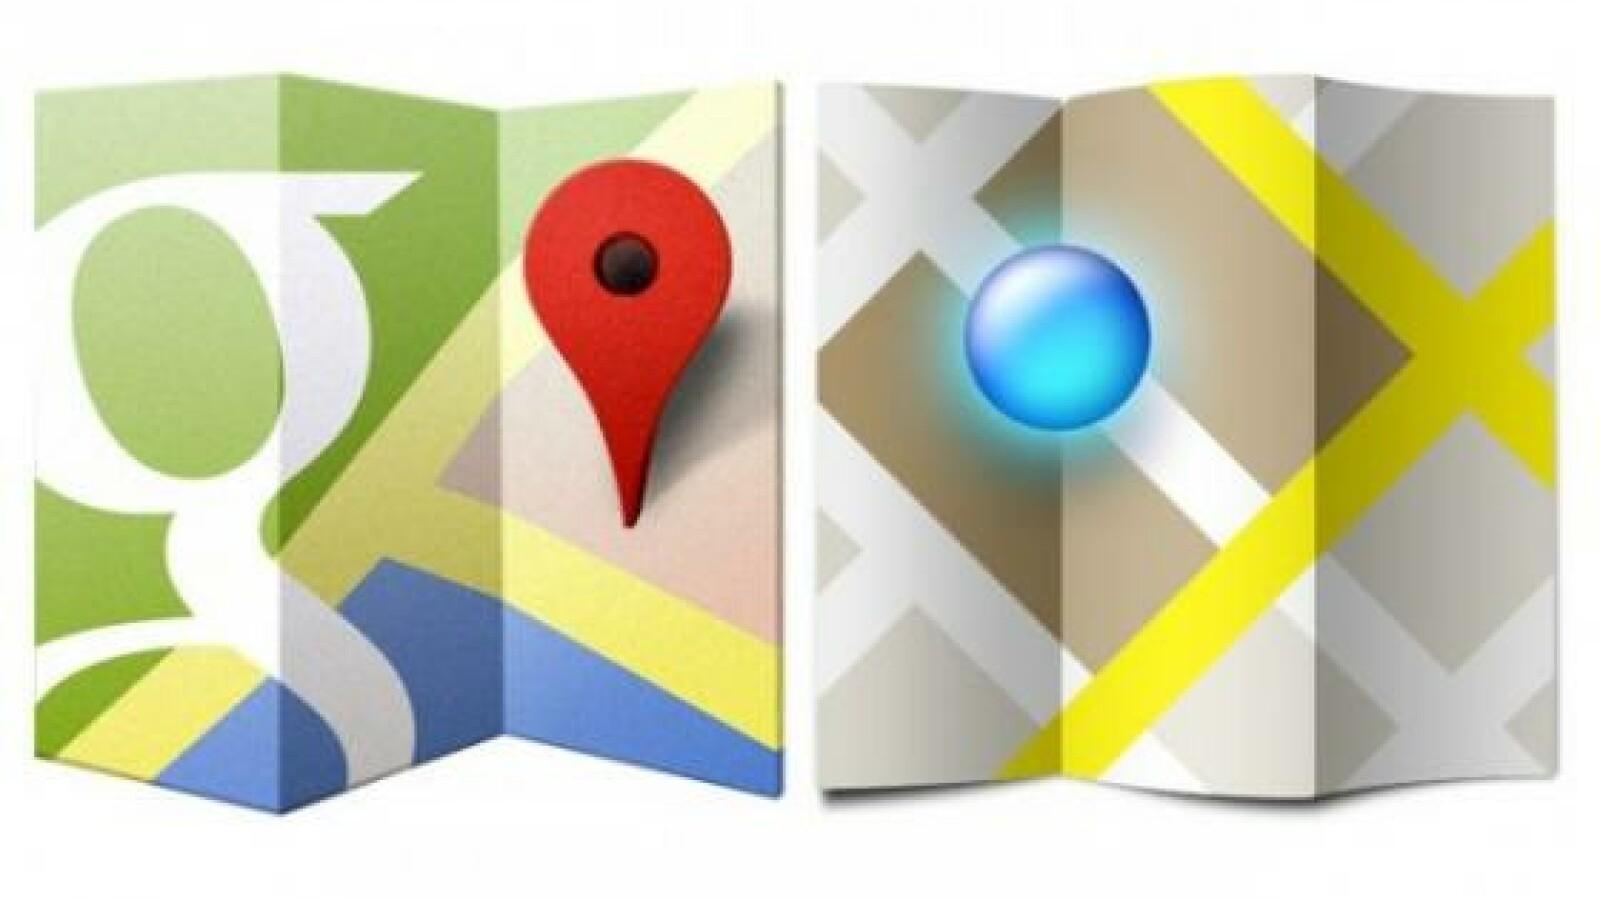 Maps Entfernungsmesser Iphone : Google maps netzwelt